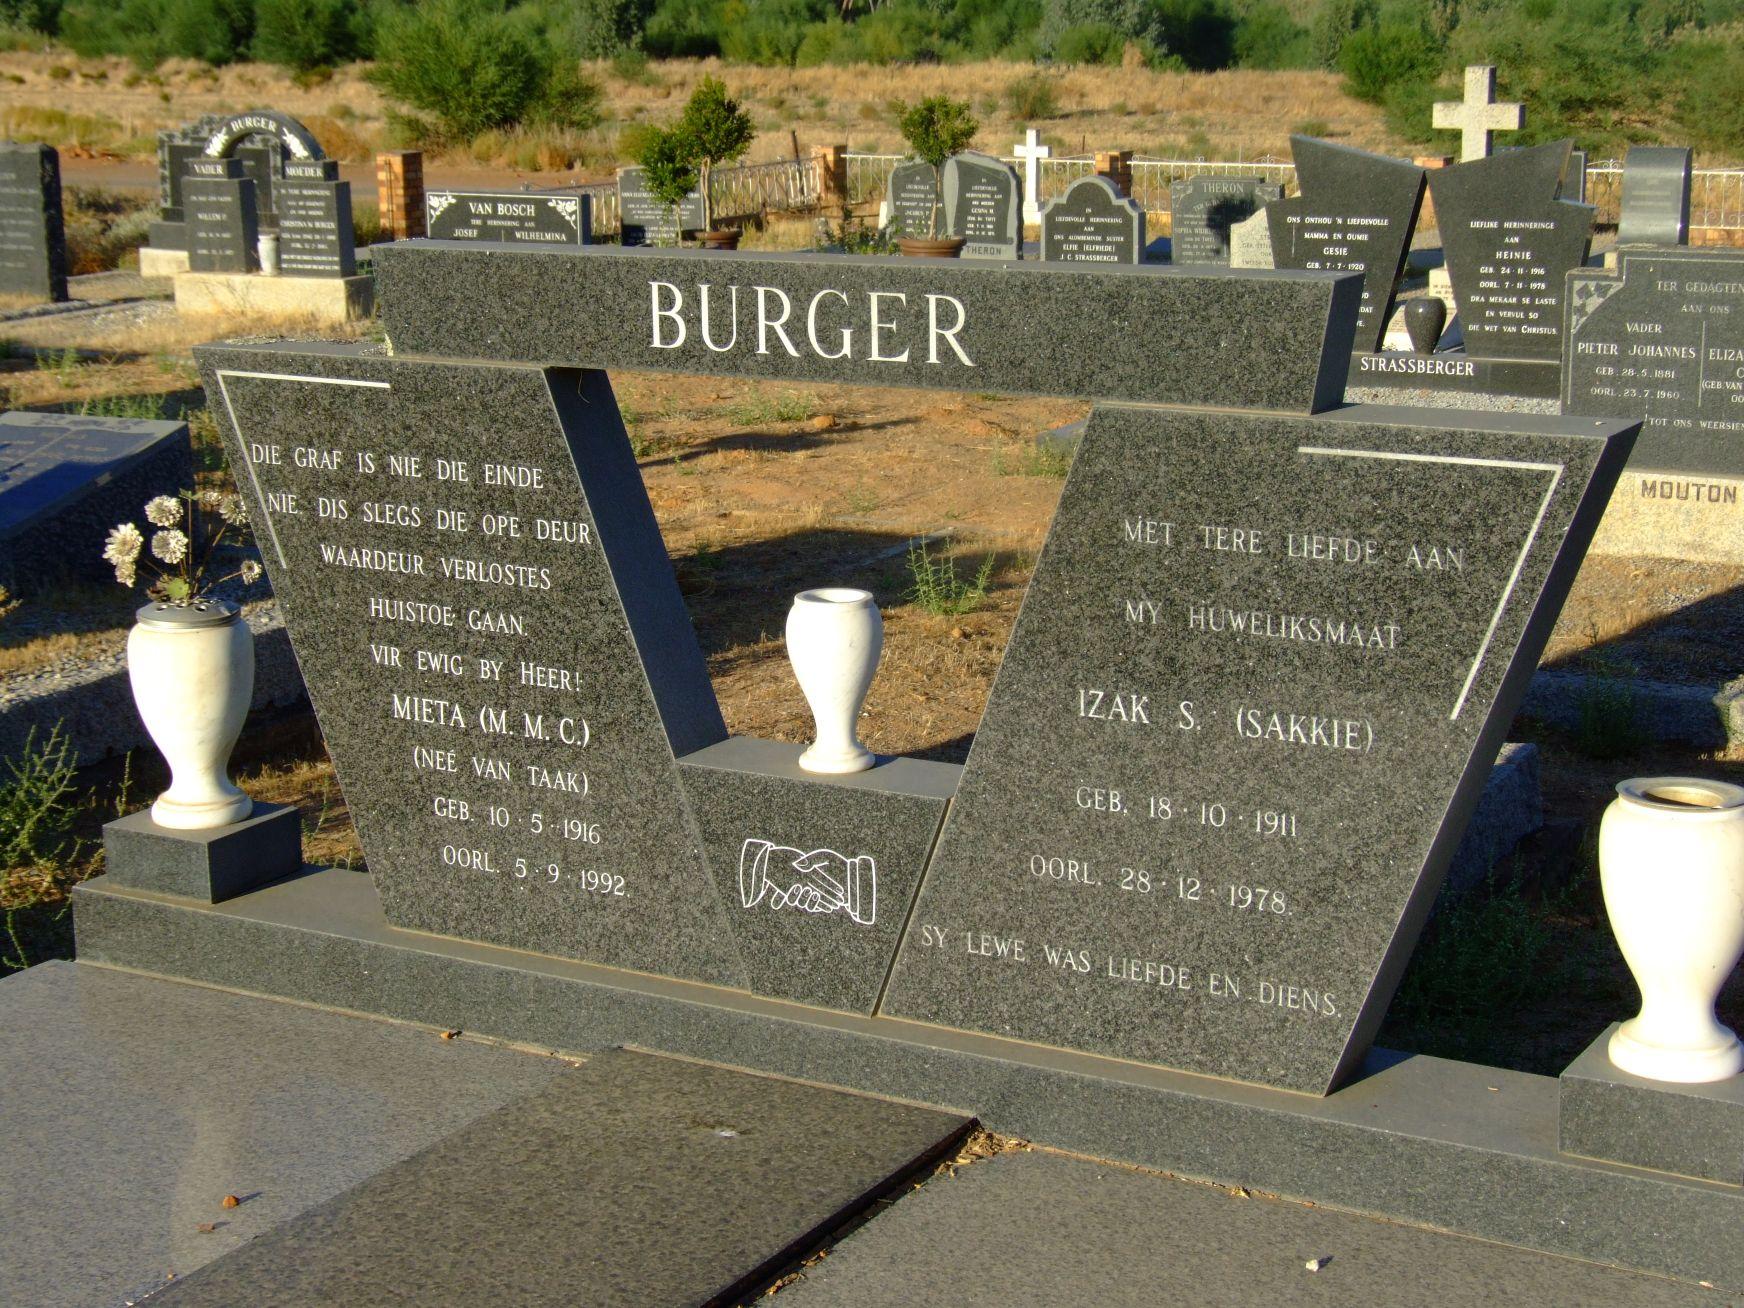 Burger, Mieta (M. M. C.) (nee van Taak) and Burger, Izak S. (Sak